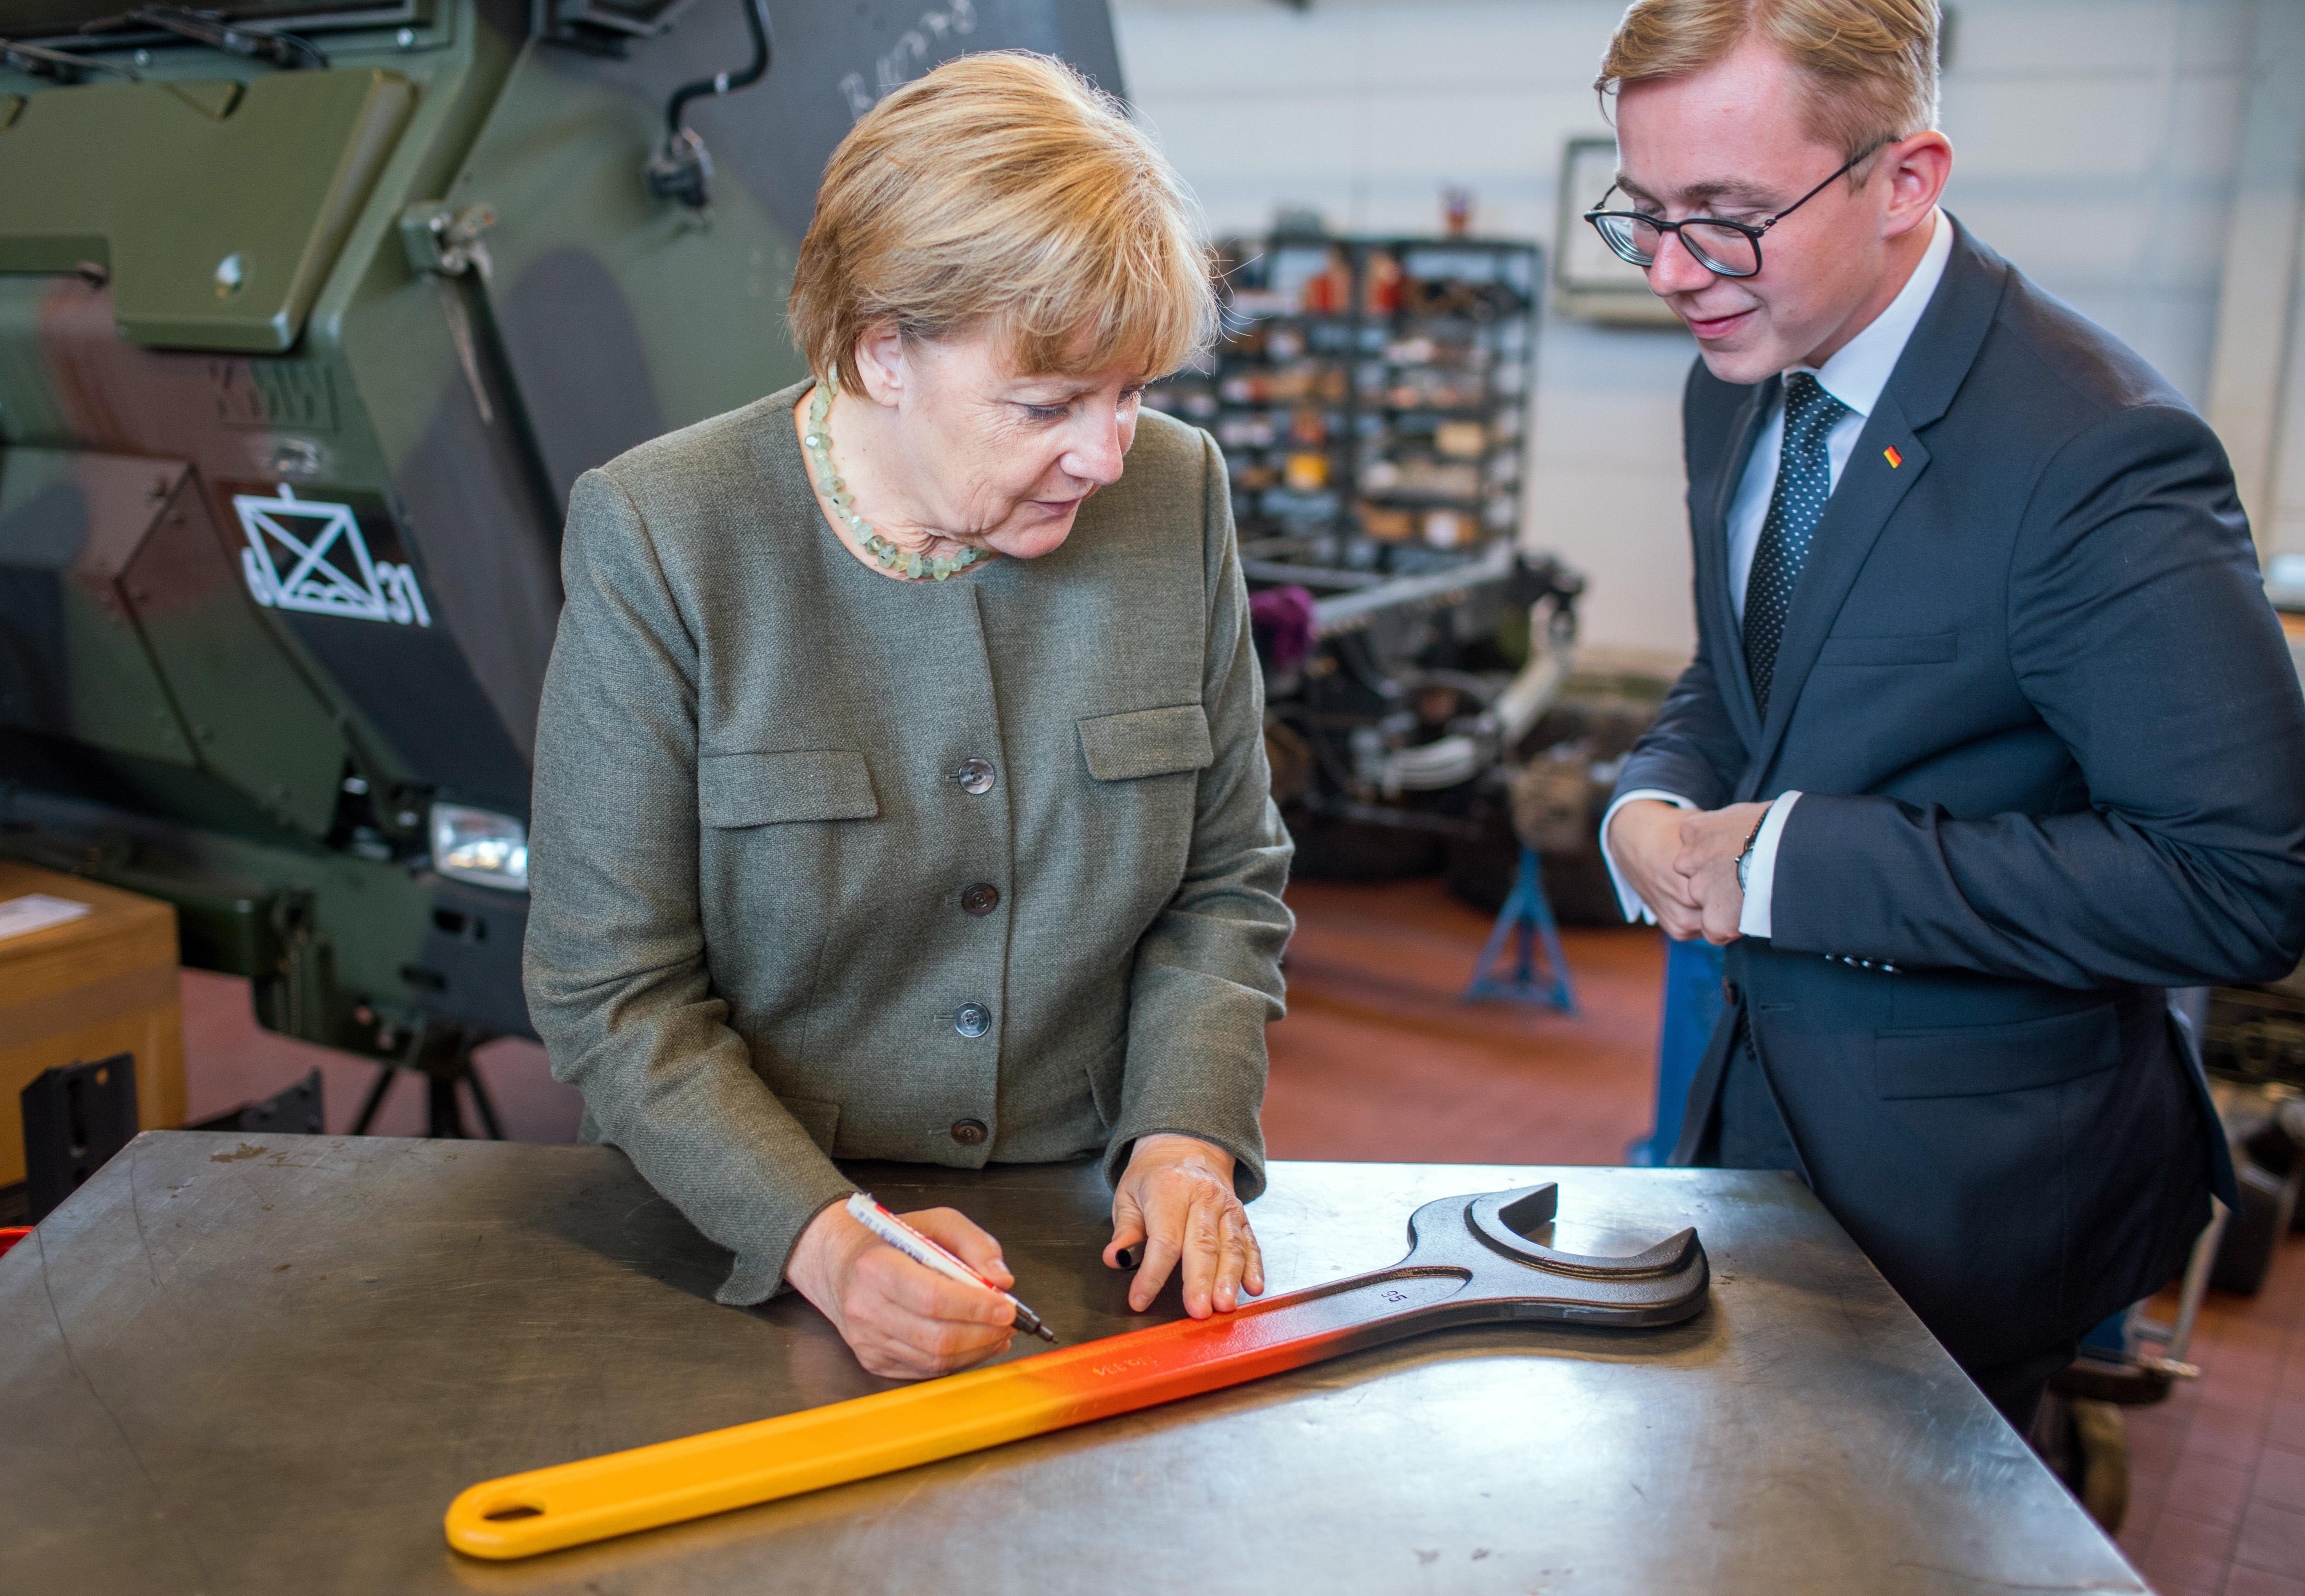 Németország a háború óta először éli át, hogy a demokrácia nehéz is lehet